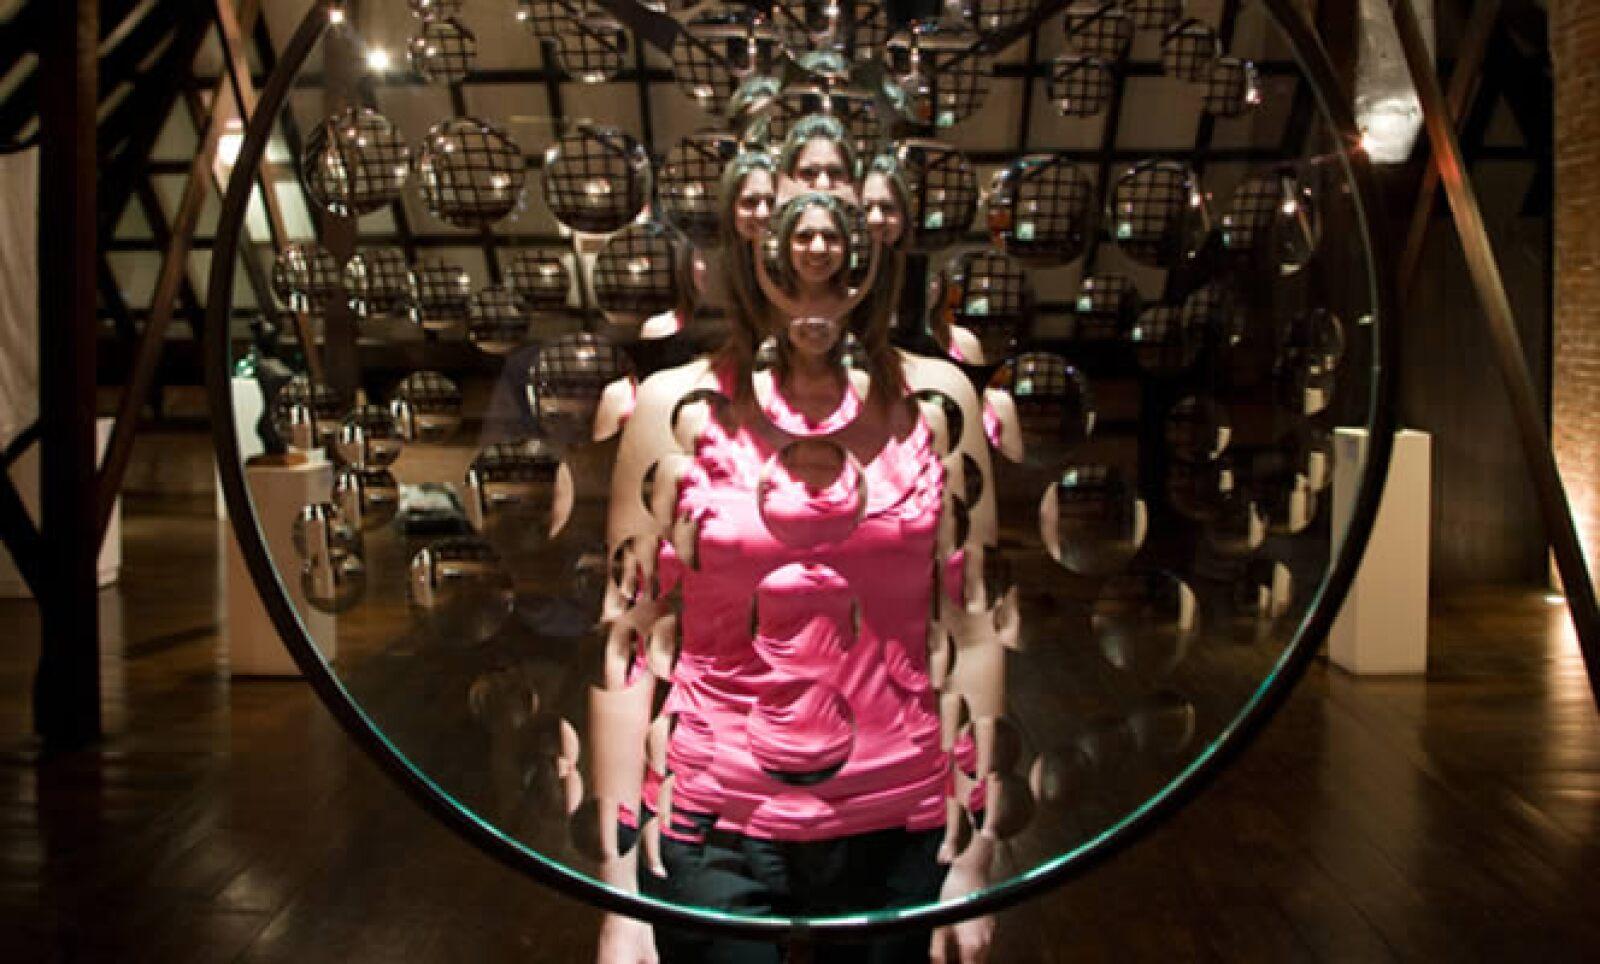 """El Museo del Vidrio (MUVi) abrió sus puertas en 1992 con el objetivo de rescatar, preservar y difundir la historia del vidrio en México y el mundo. Aquí vemos la pieza """"Magiscopio"""" de Feliciano Béjar. (Vidrio trabajado en frío y fierro. México 1991)."""